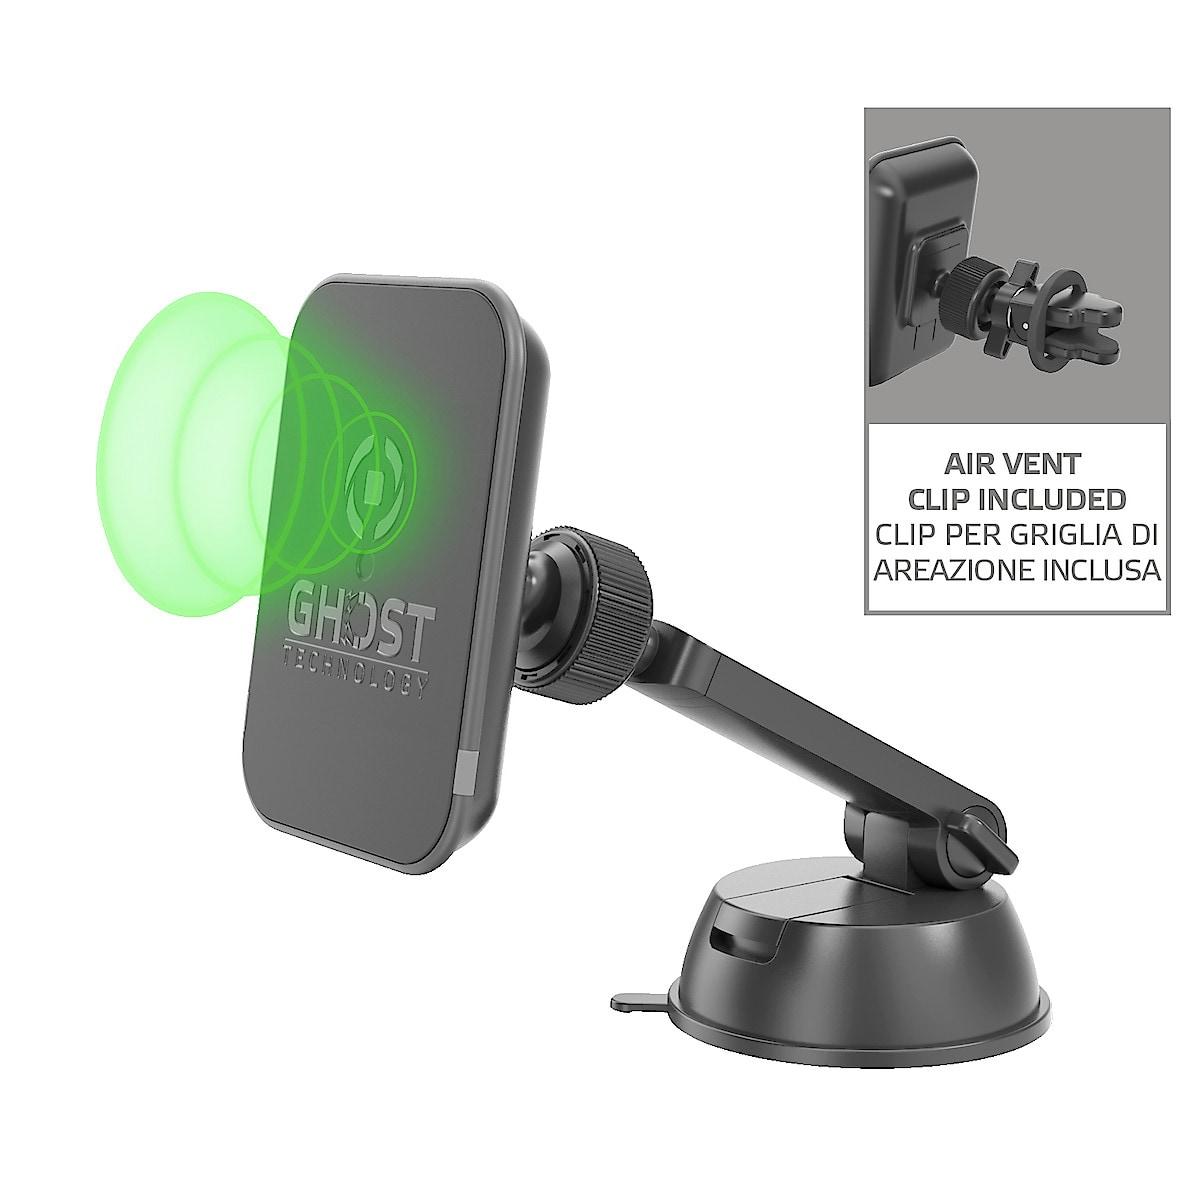 Telefonhållare med trådlös laddning (5 W) Celly Ghostcharge